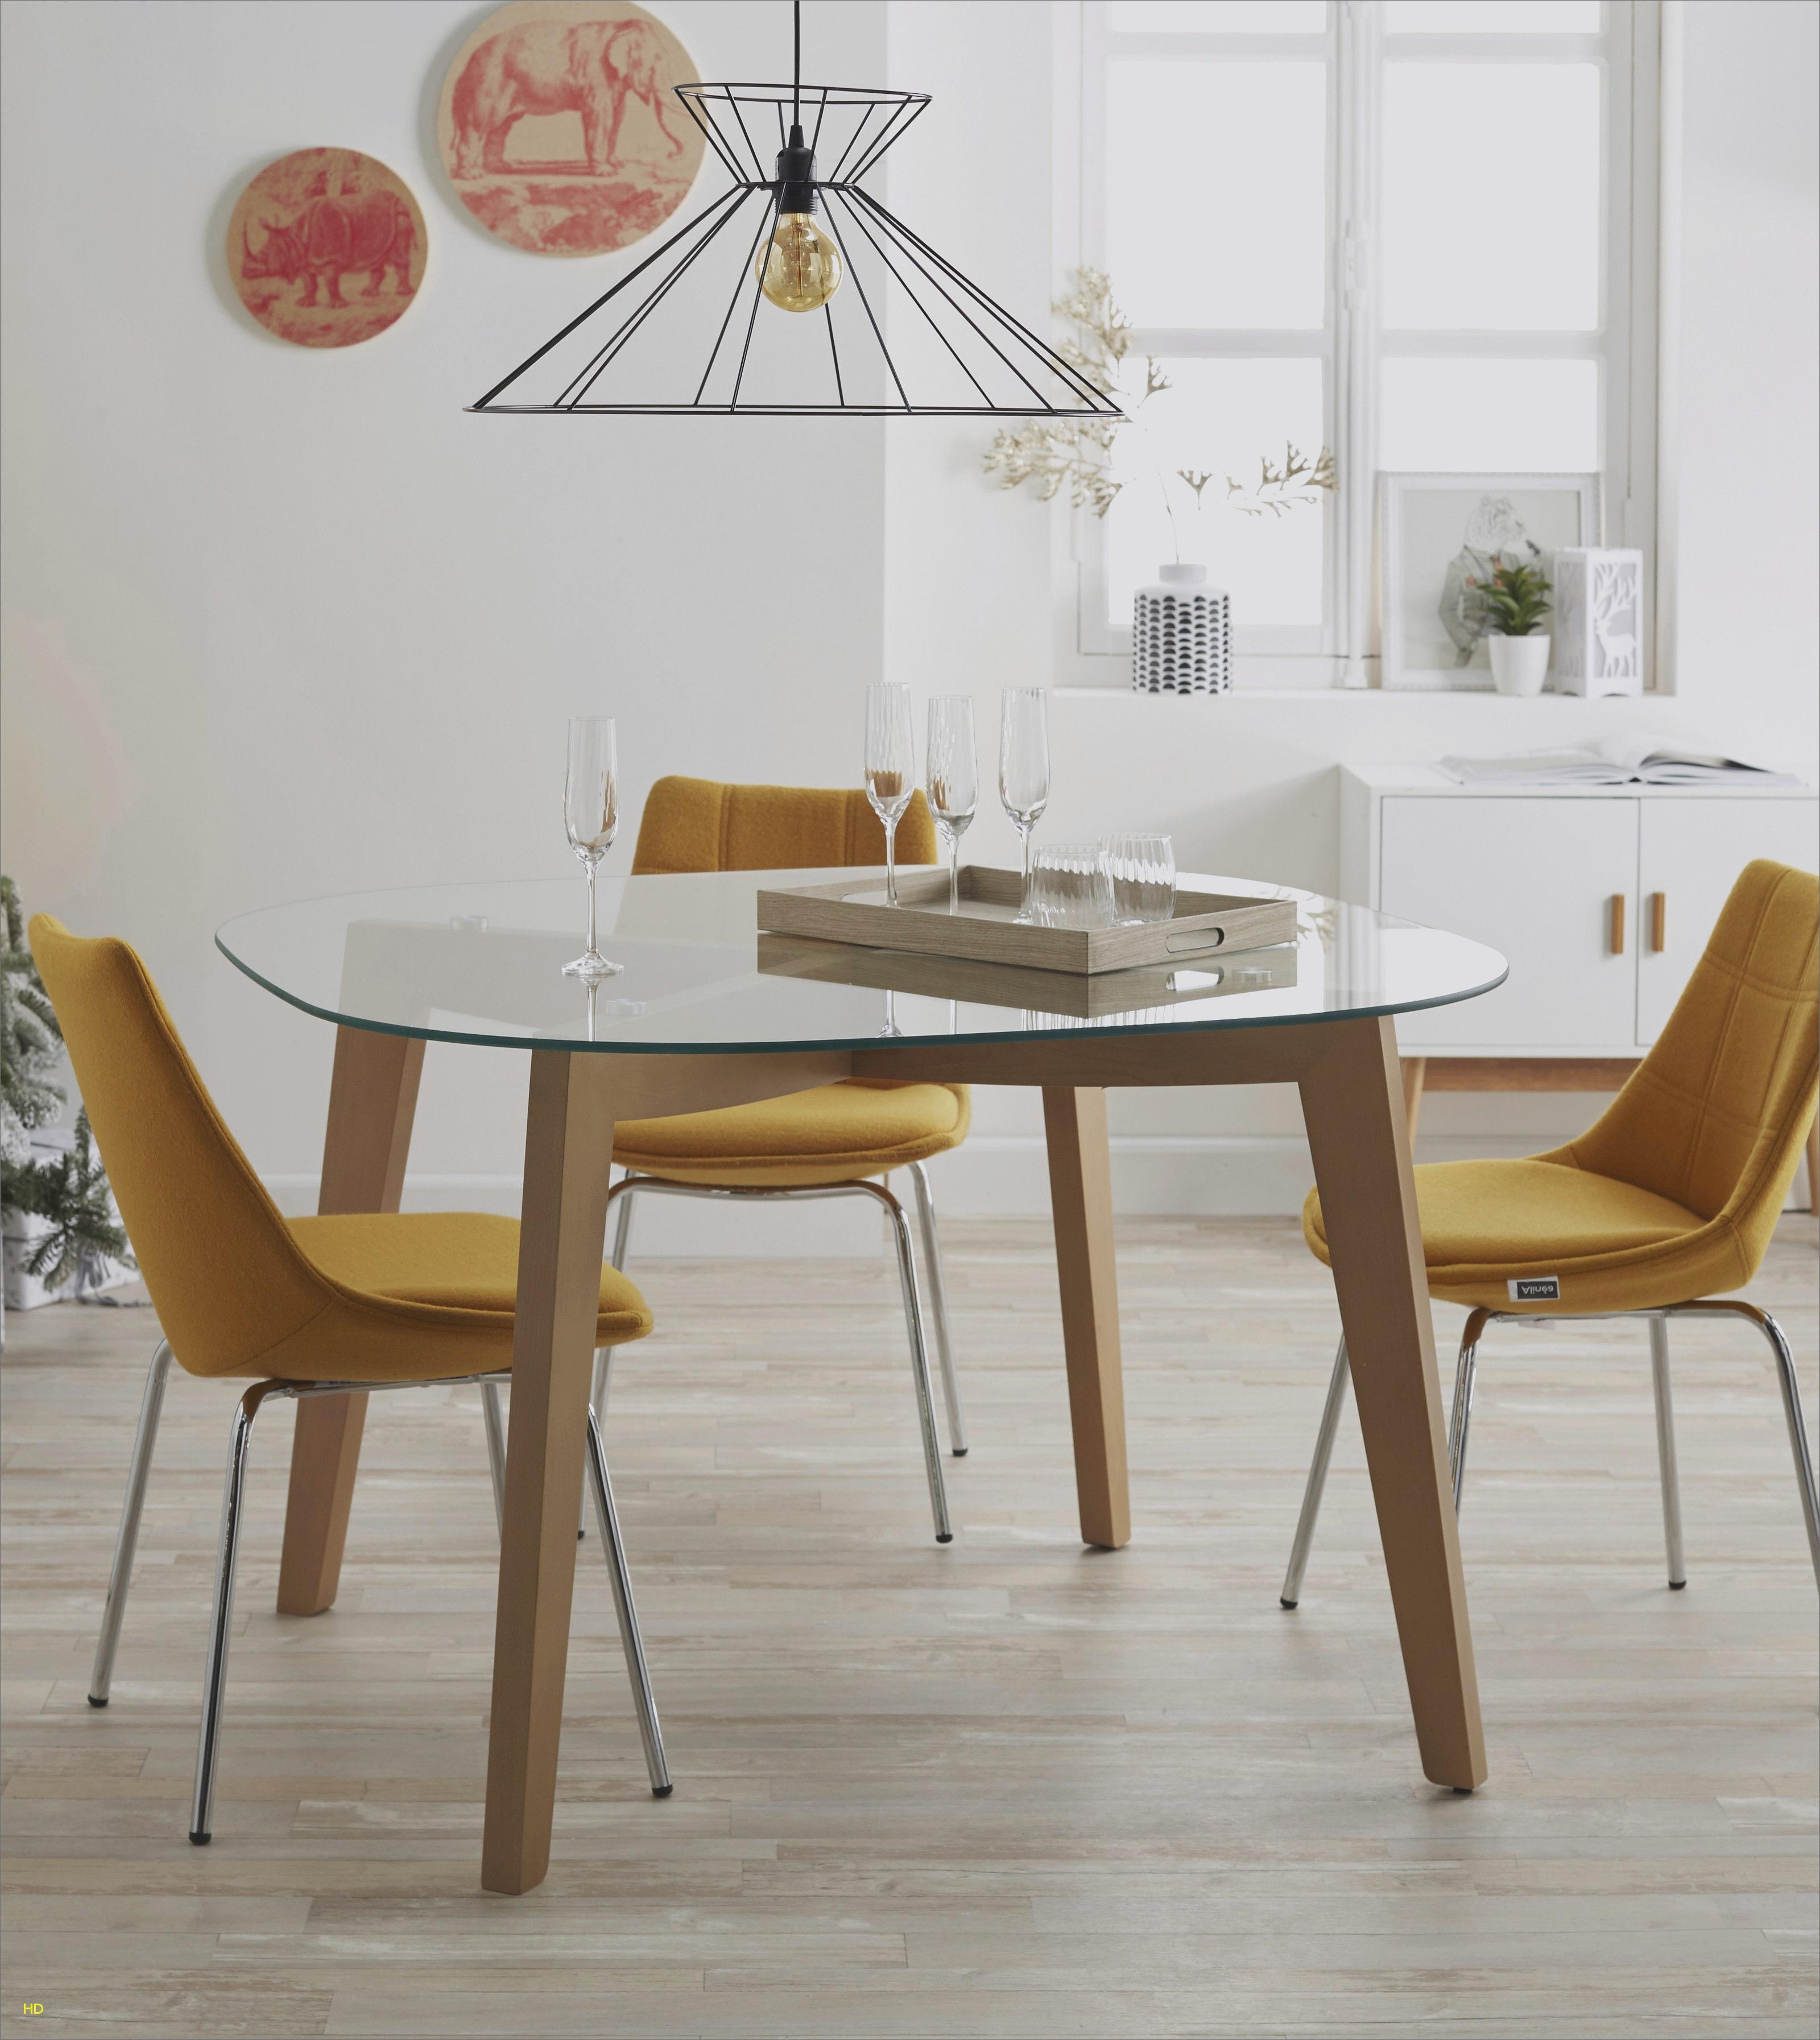 Table Kettler solde Élégant Images Table Pliable Pas Cher Inspirant Best Table De Jardin Pliante